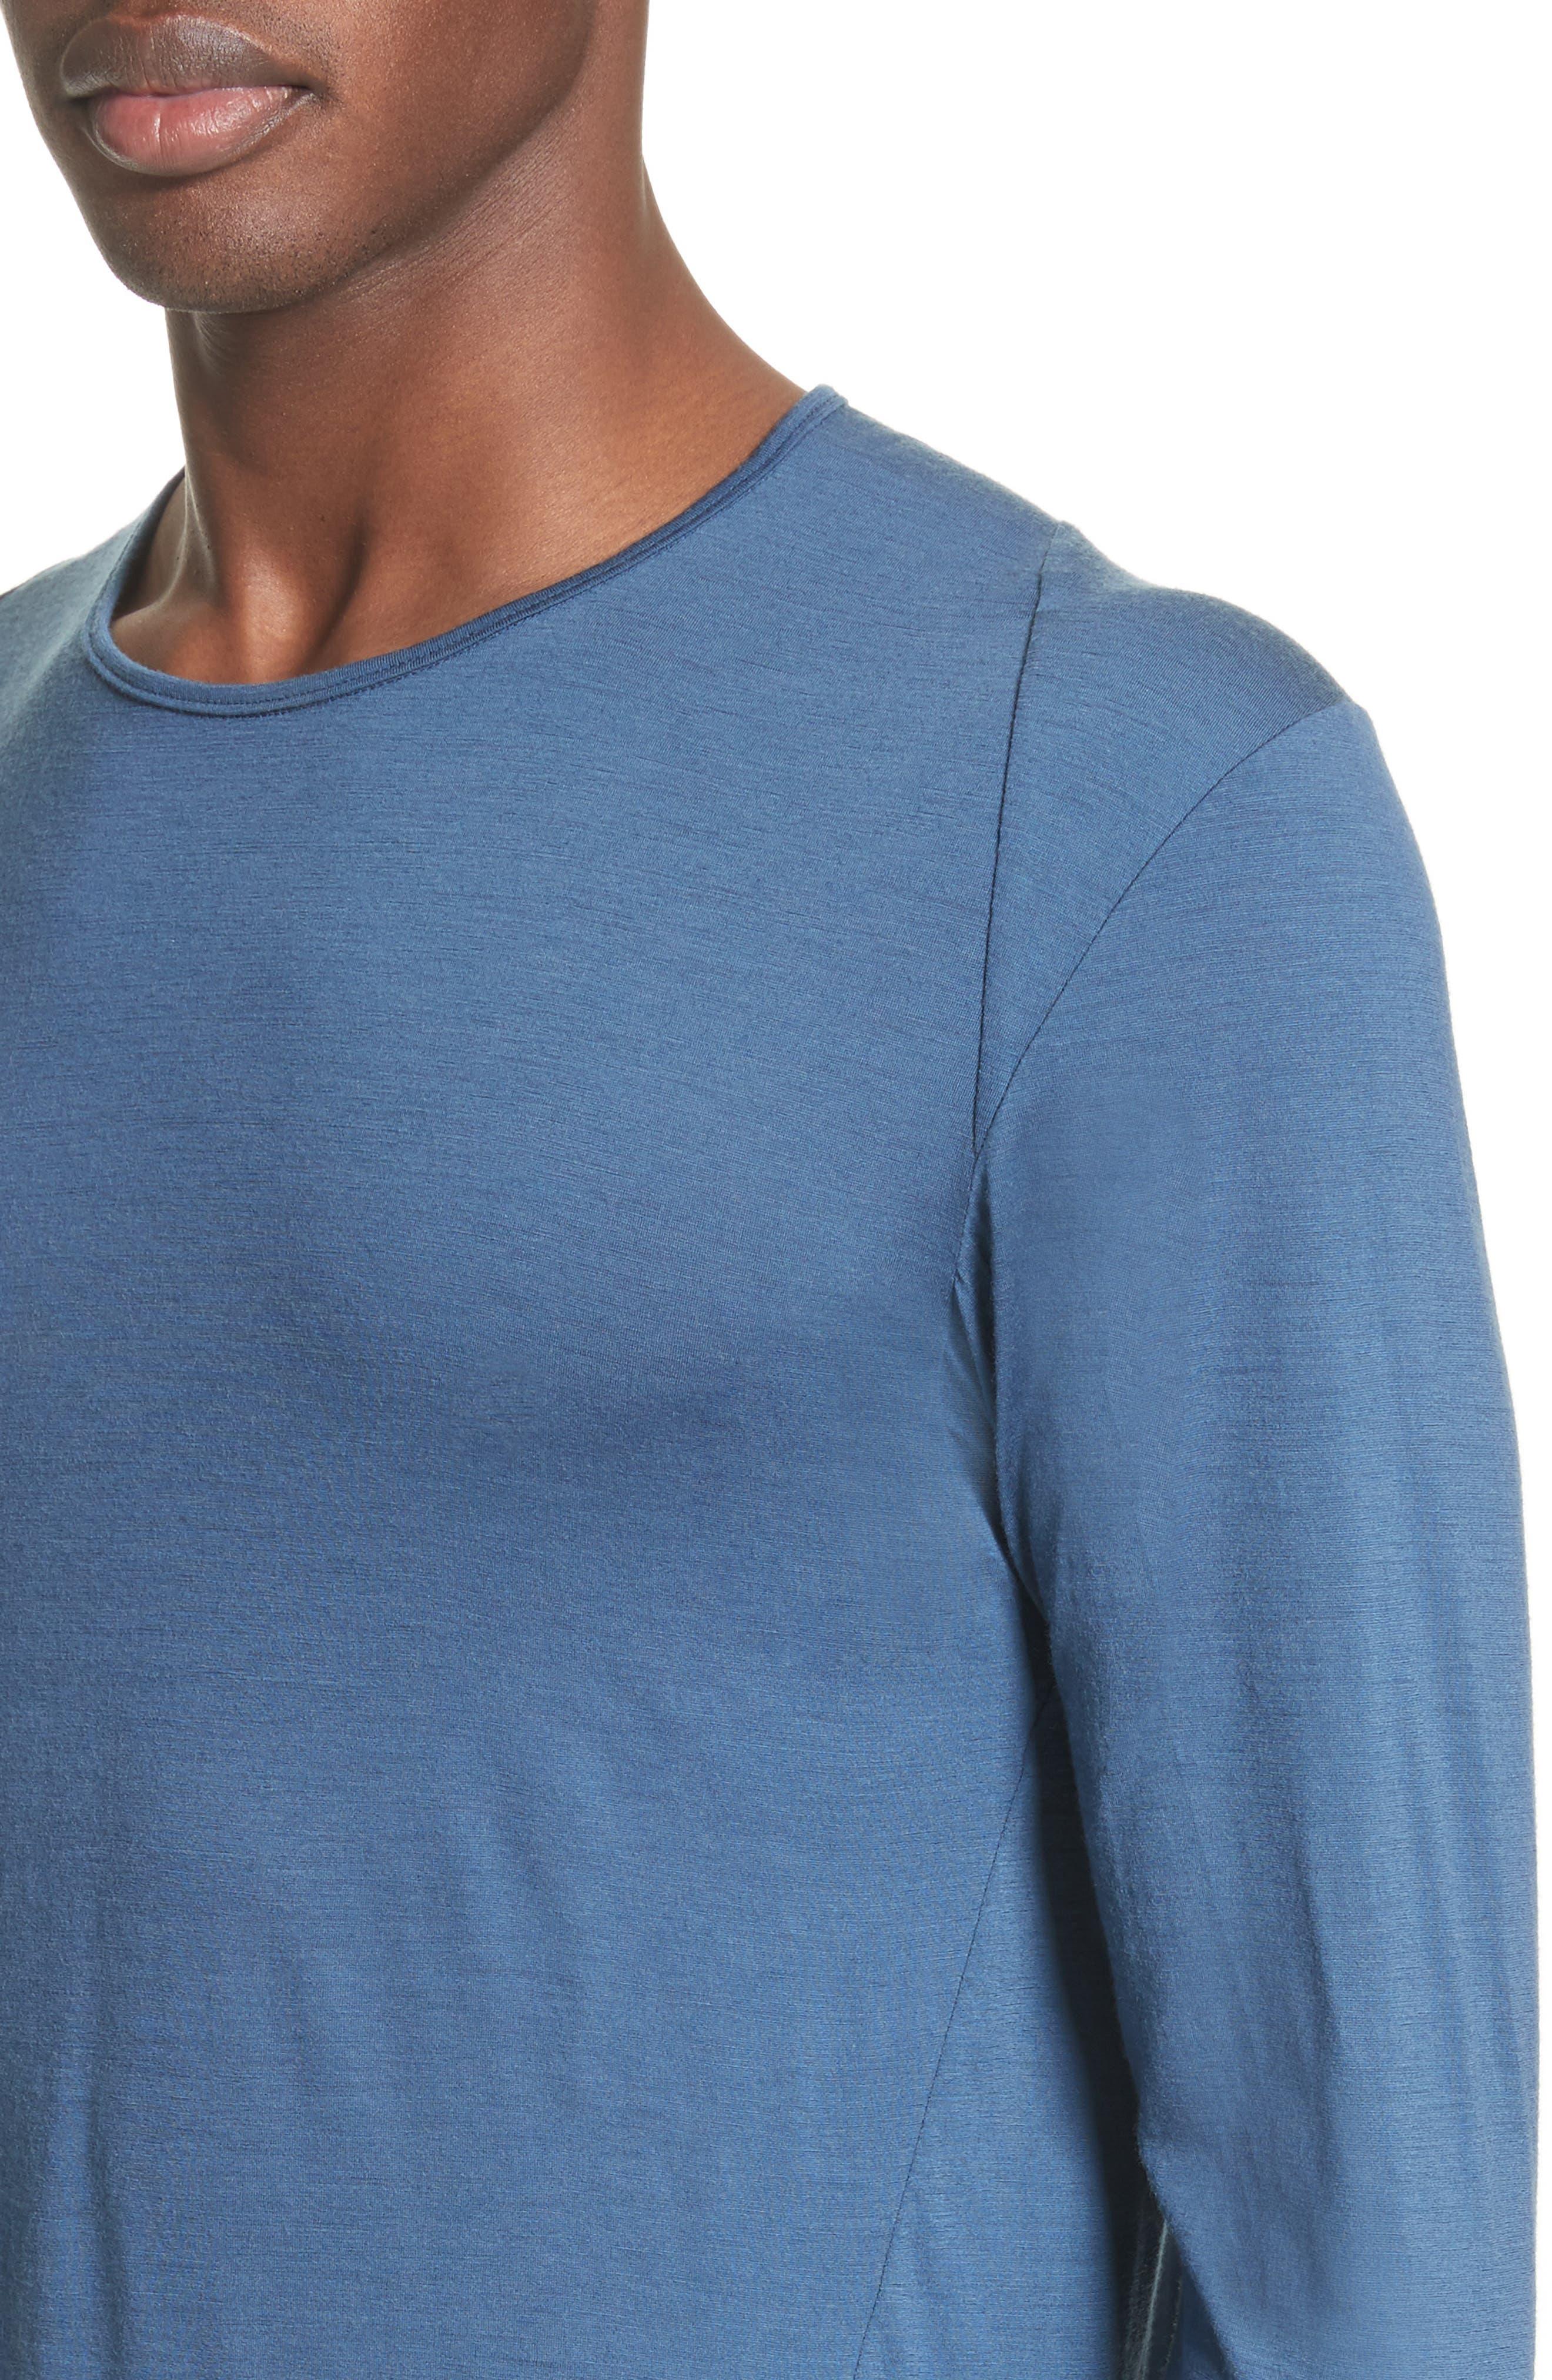 Frame Merino Wool T-Shirt,                             Alternate thumbnail 4, color,                             Navy